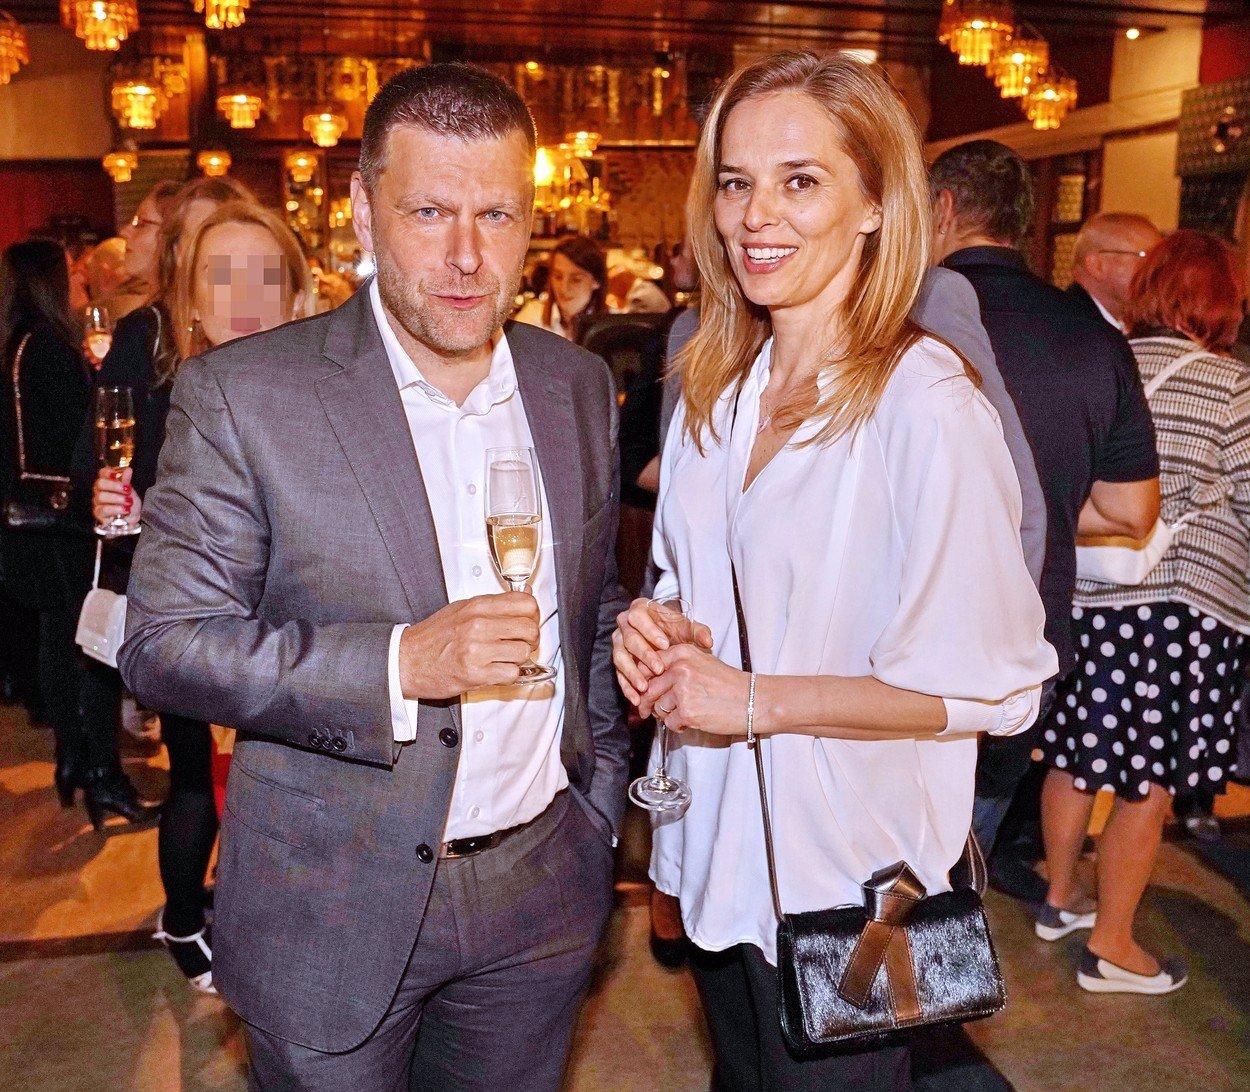 Střet zájmů kvůli lásce? Českou televizi přítel Světlany Witowské netrápí